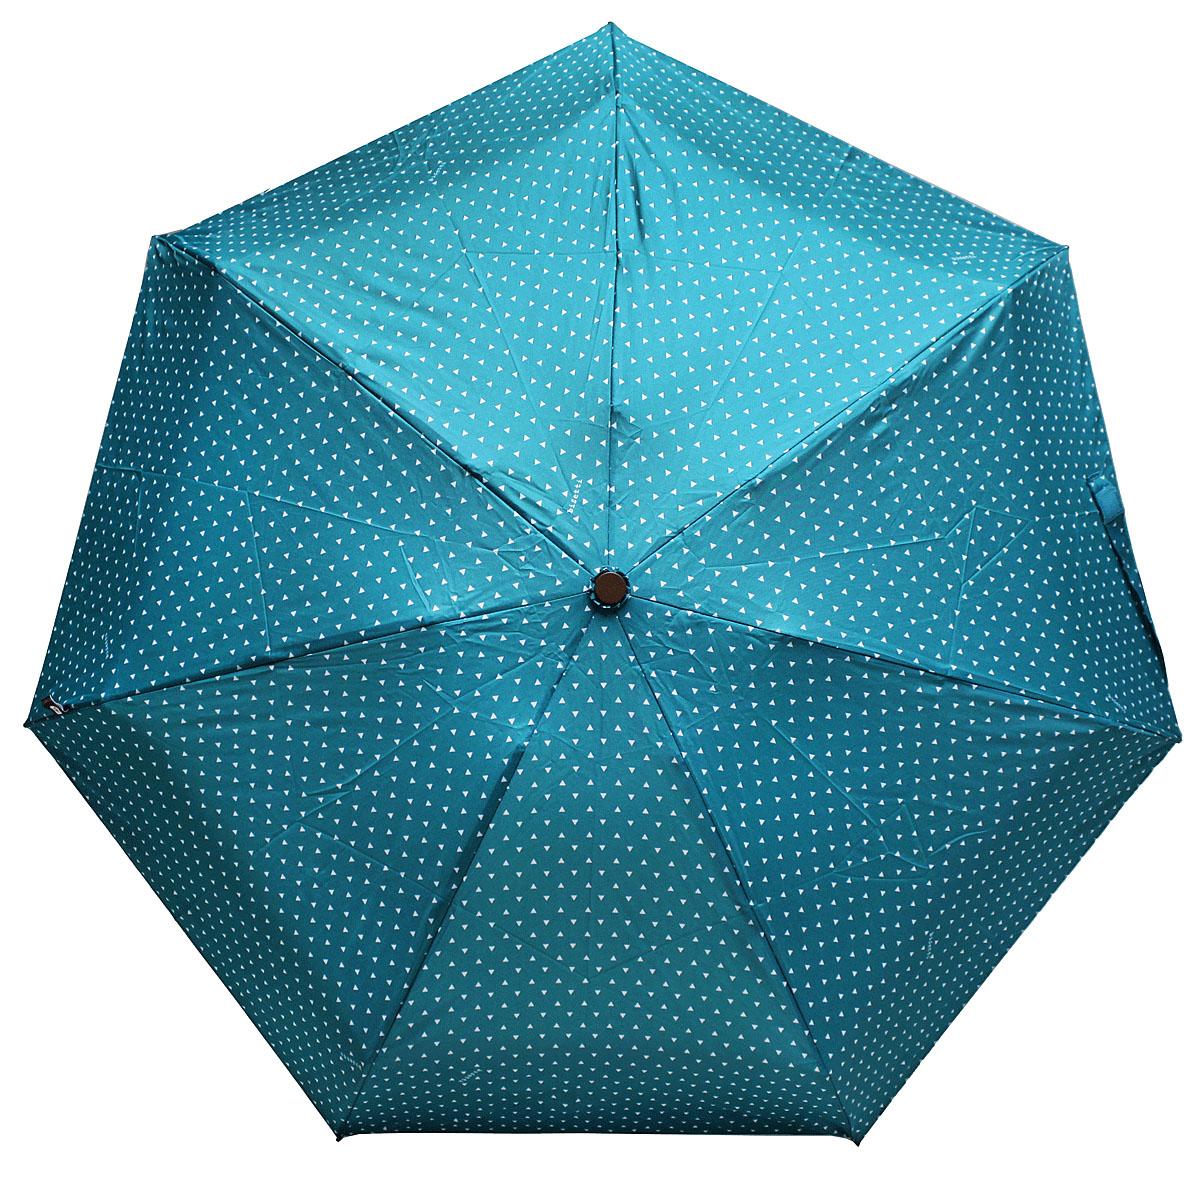 Зонт женский Bisetti, цвет: бирюзовый. 3598-43598-4Стильный зонт автомат испанского производителя Bisetti даже в ненастную погоду позволит вам оставаться элегантной. В производстве зонтов Bisetti используются современные материалы, что делает зонты легкими, но в то же время крепкими. Каркас зонта включает 7 спиц. Стержень изготовлен из стали, купол выполнен из прочного полиэстера. Зонт является механическим: купол открывается и закрывается вручную до характерного щелчка.